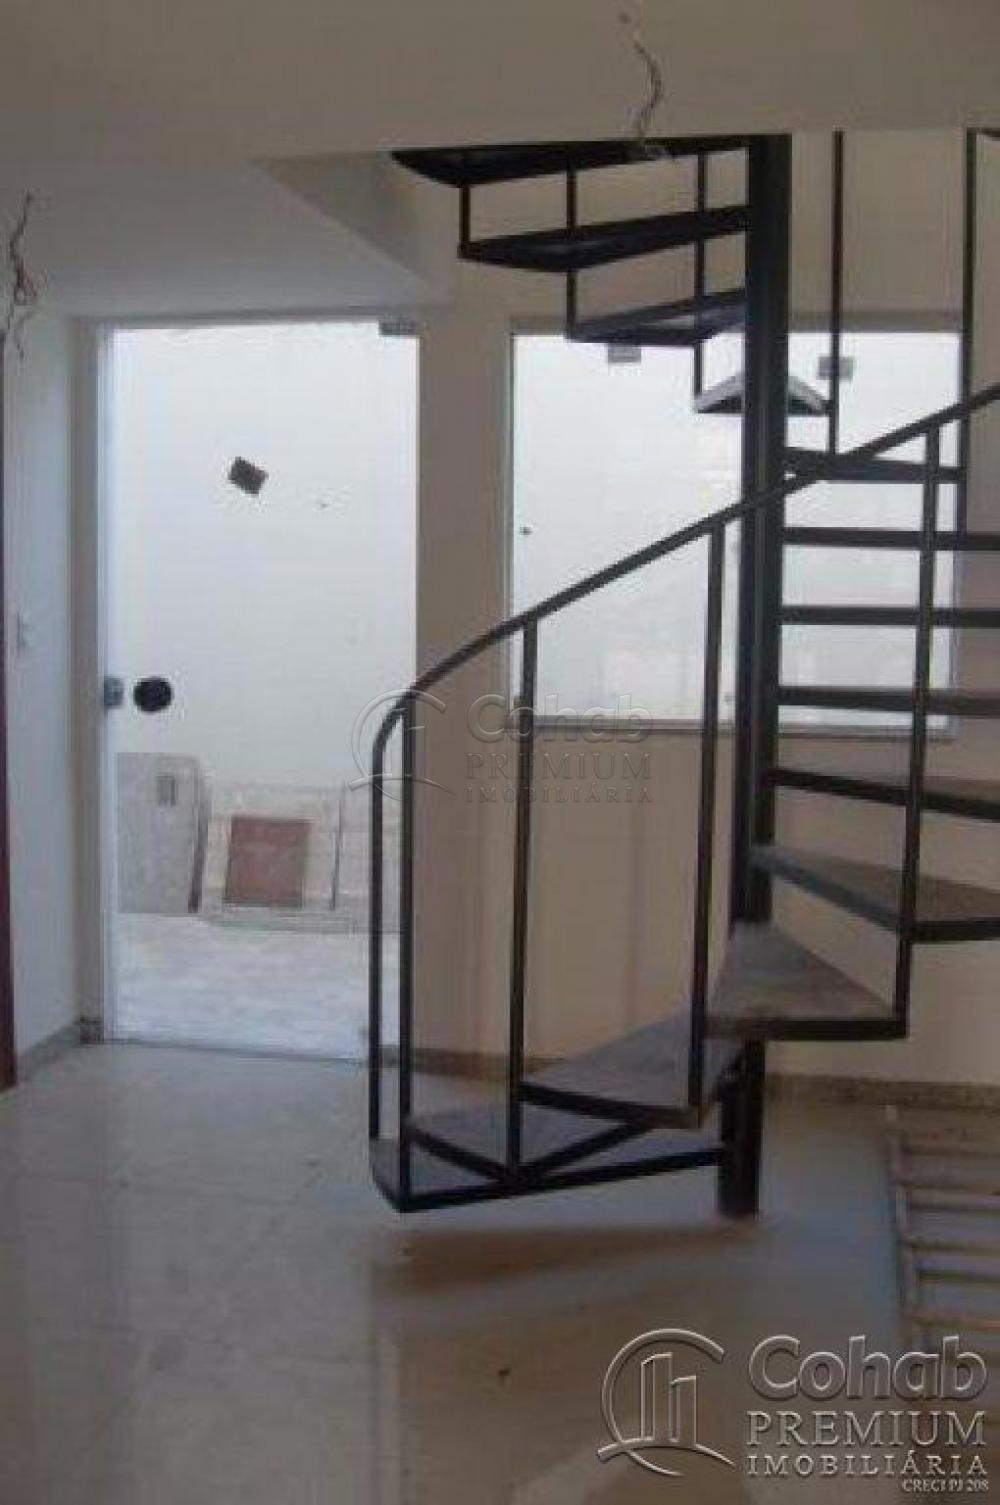 Alugar Comercial / Ponto Comercial em Aracaju apenas R$ 4.000,00 - Foto 4